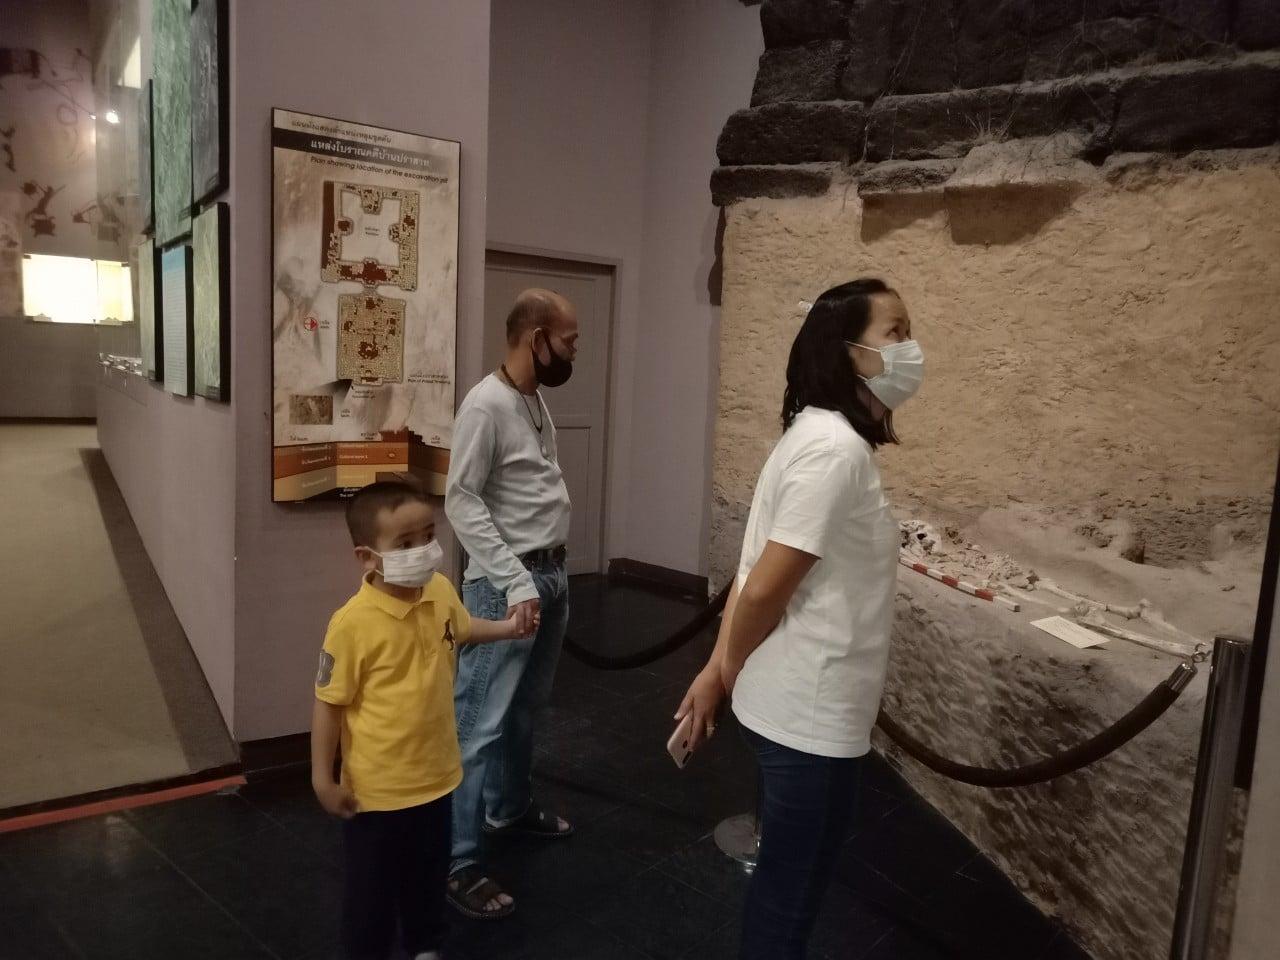 โครงการกิจกรรมเชิงปฏิบัติการแหล่งเรียนรู้ศิลปวัฒนธรรม ระหว่างวันที่ ๑๔ - ๑๕ พฤศจิกายน ๒๕๖๓